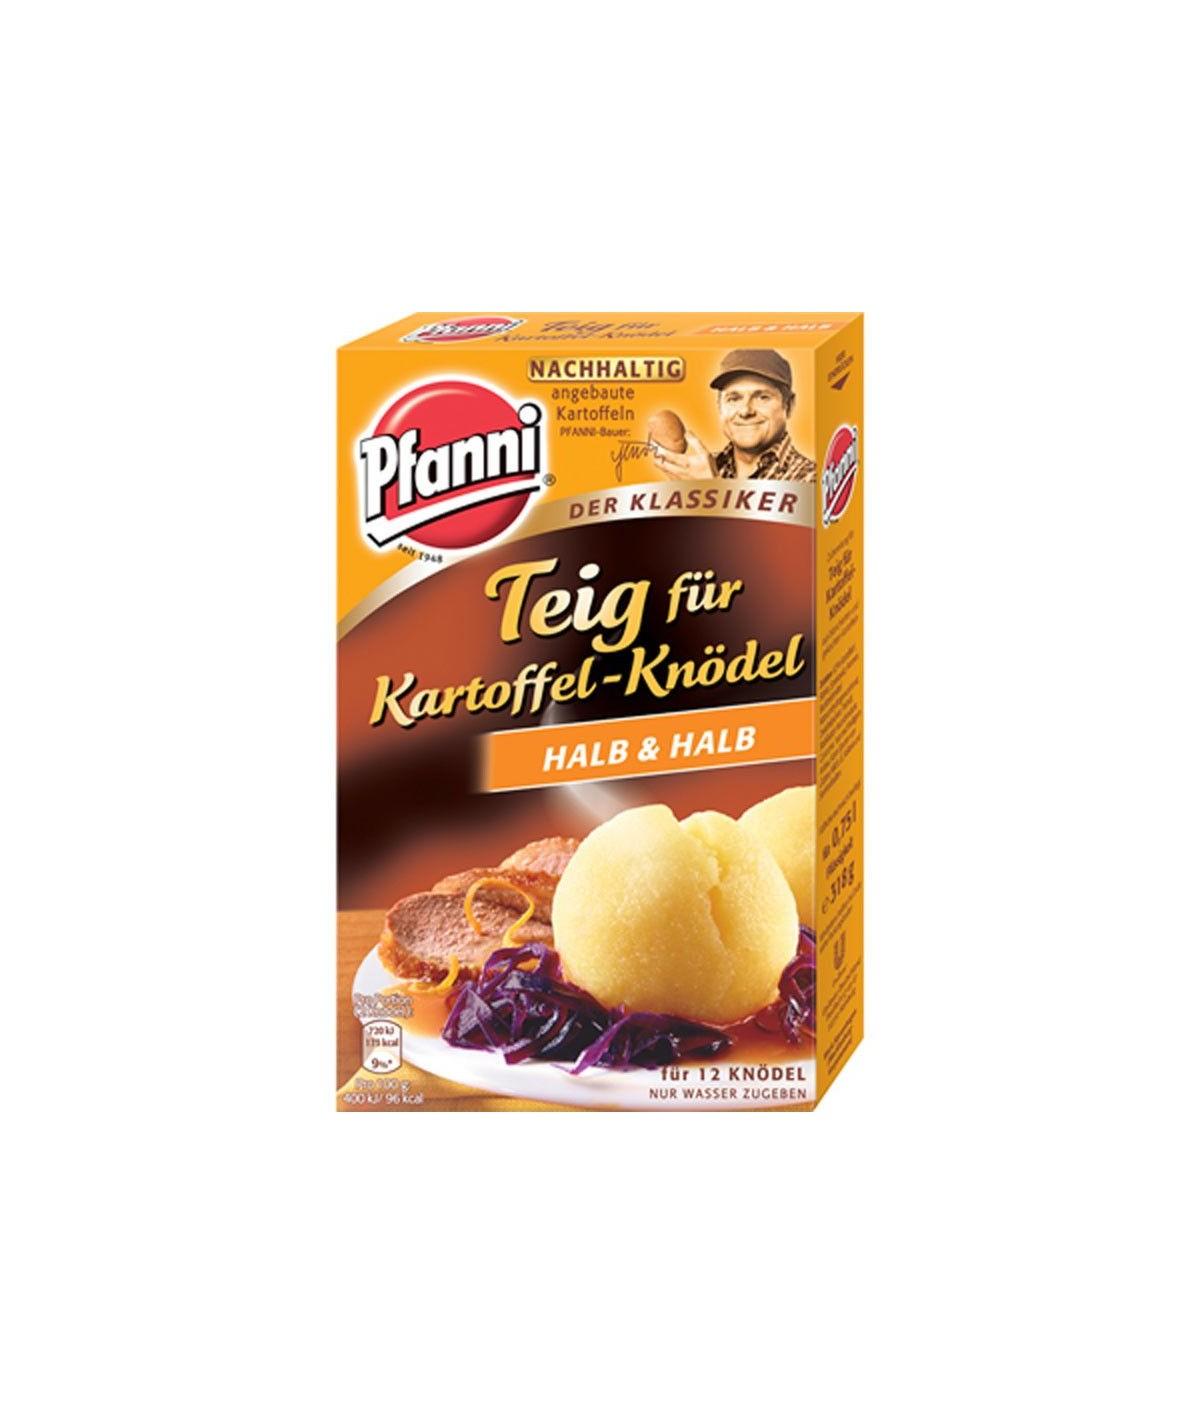 Kartoffel-Knödel Halb & Halb Pfanni 318g